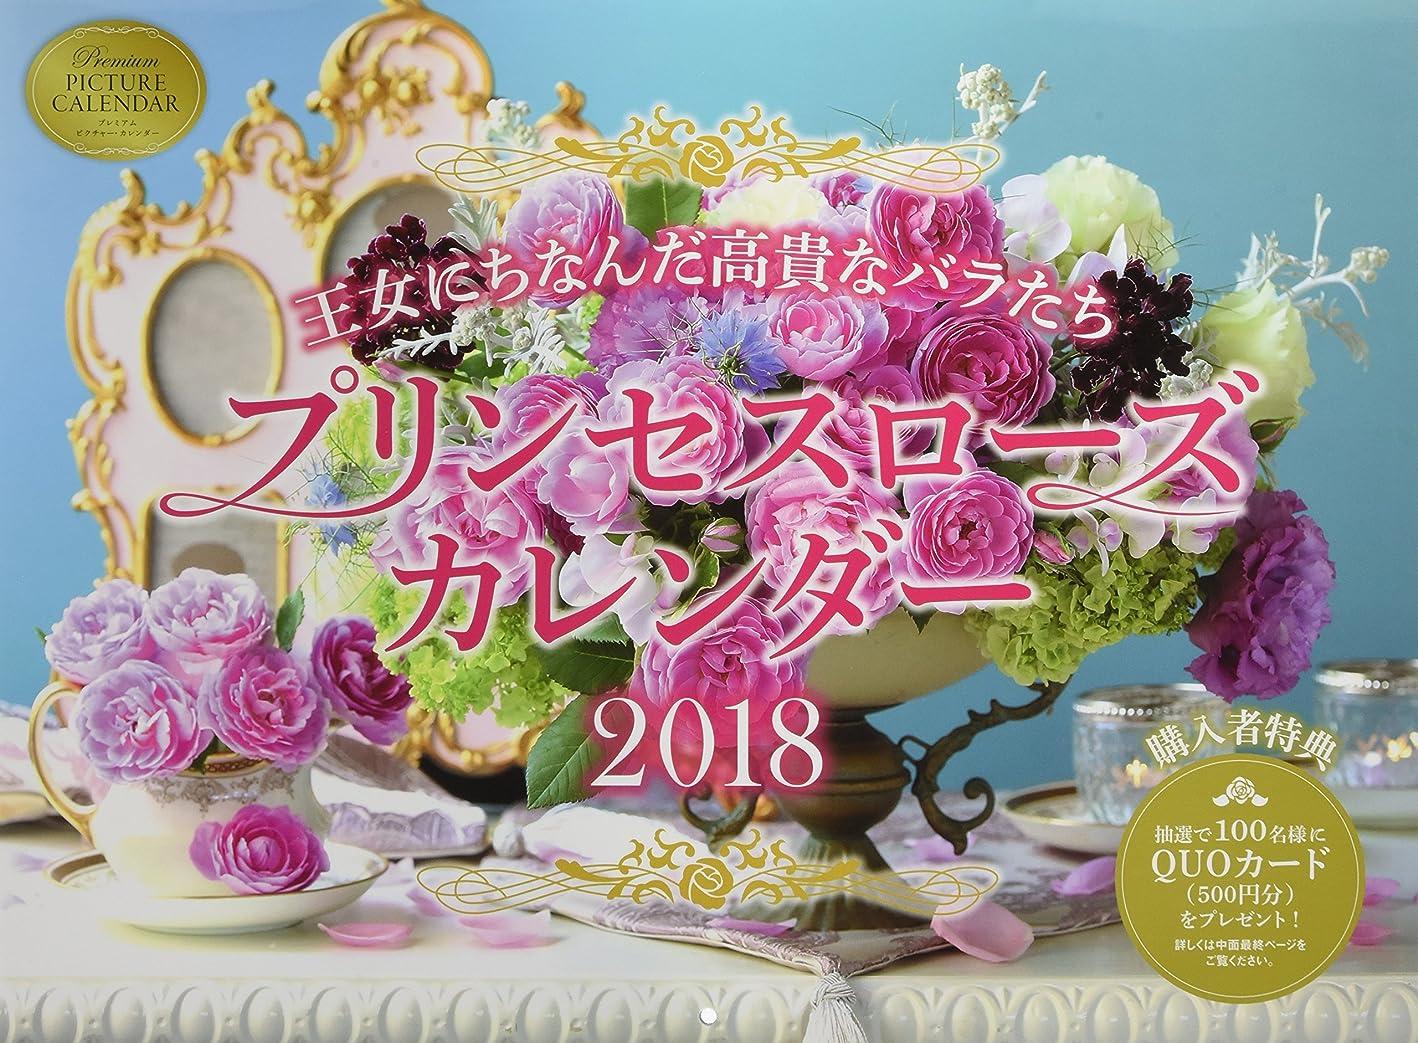 分布ナット先2018 王女にちなんだ高貴なバラたち プリンセスローズカレンダー ([カレンダー])